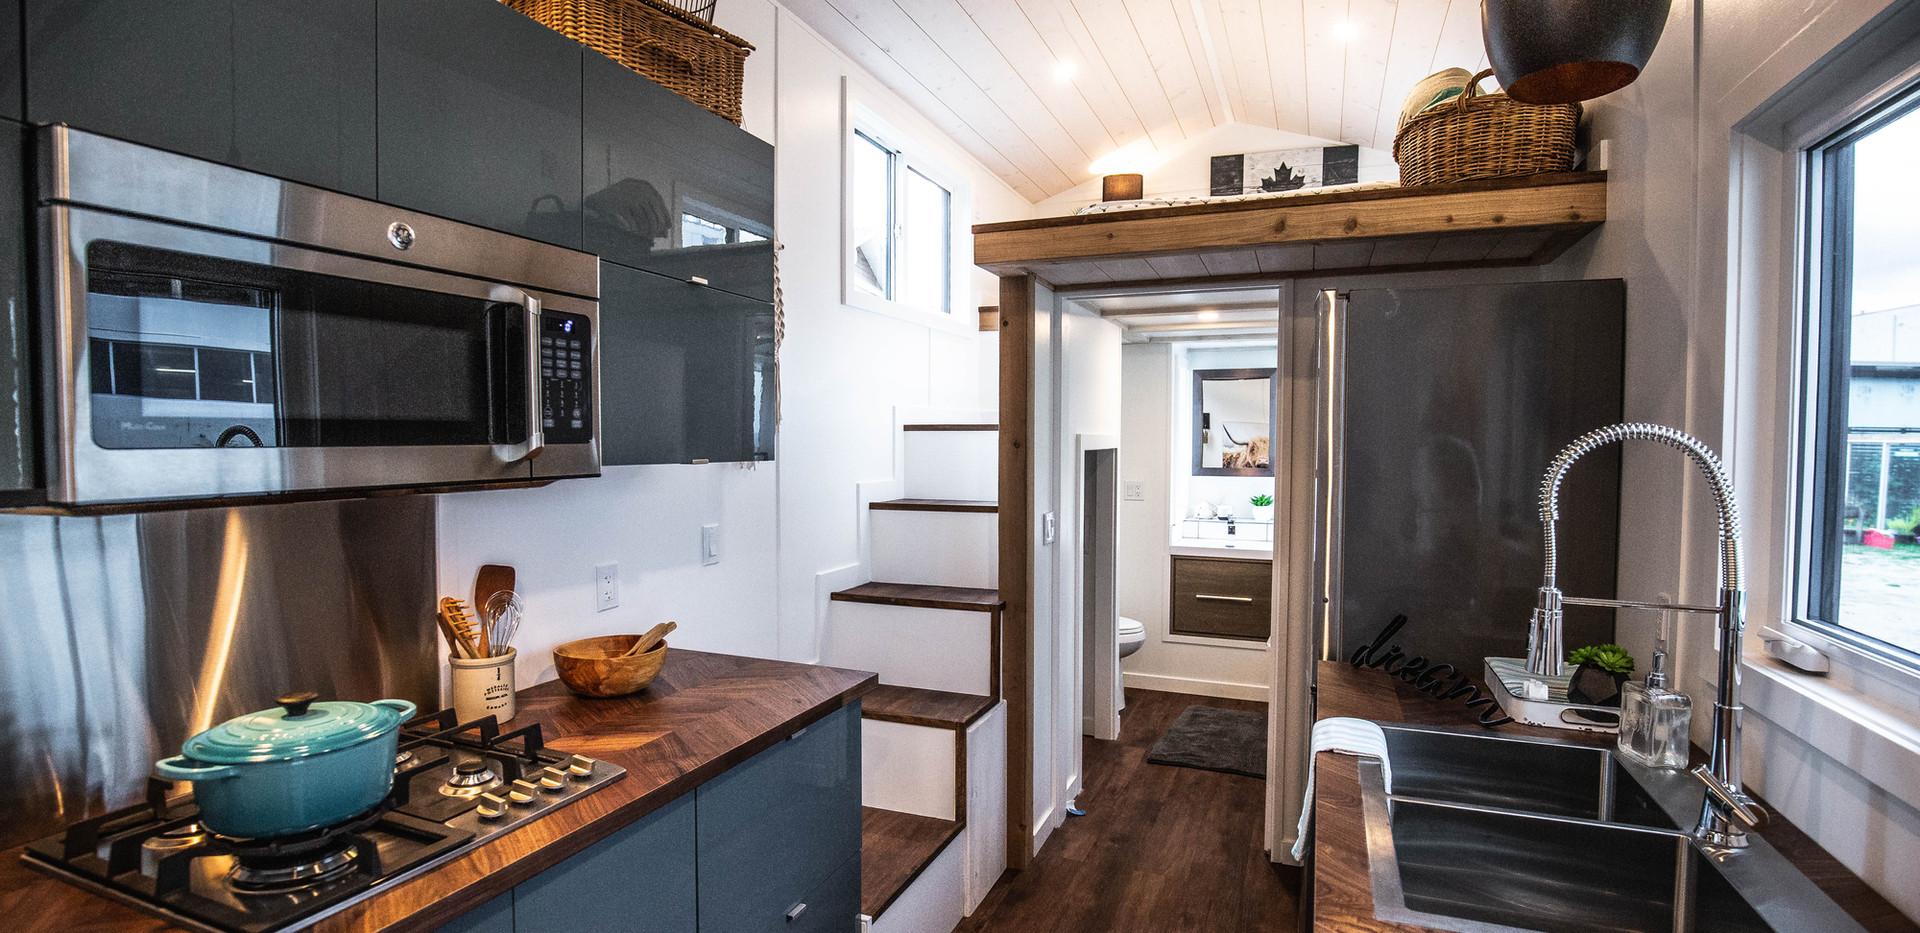 Sunshine Tony homes interior 14 (1 of 1)